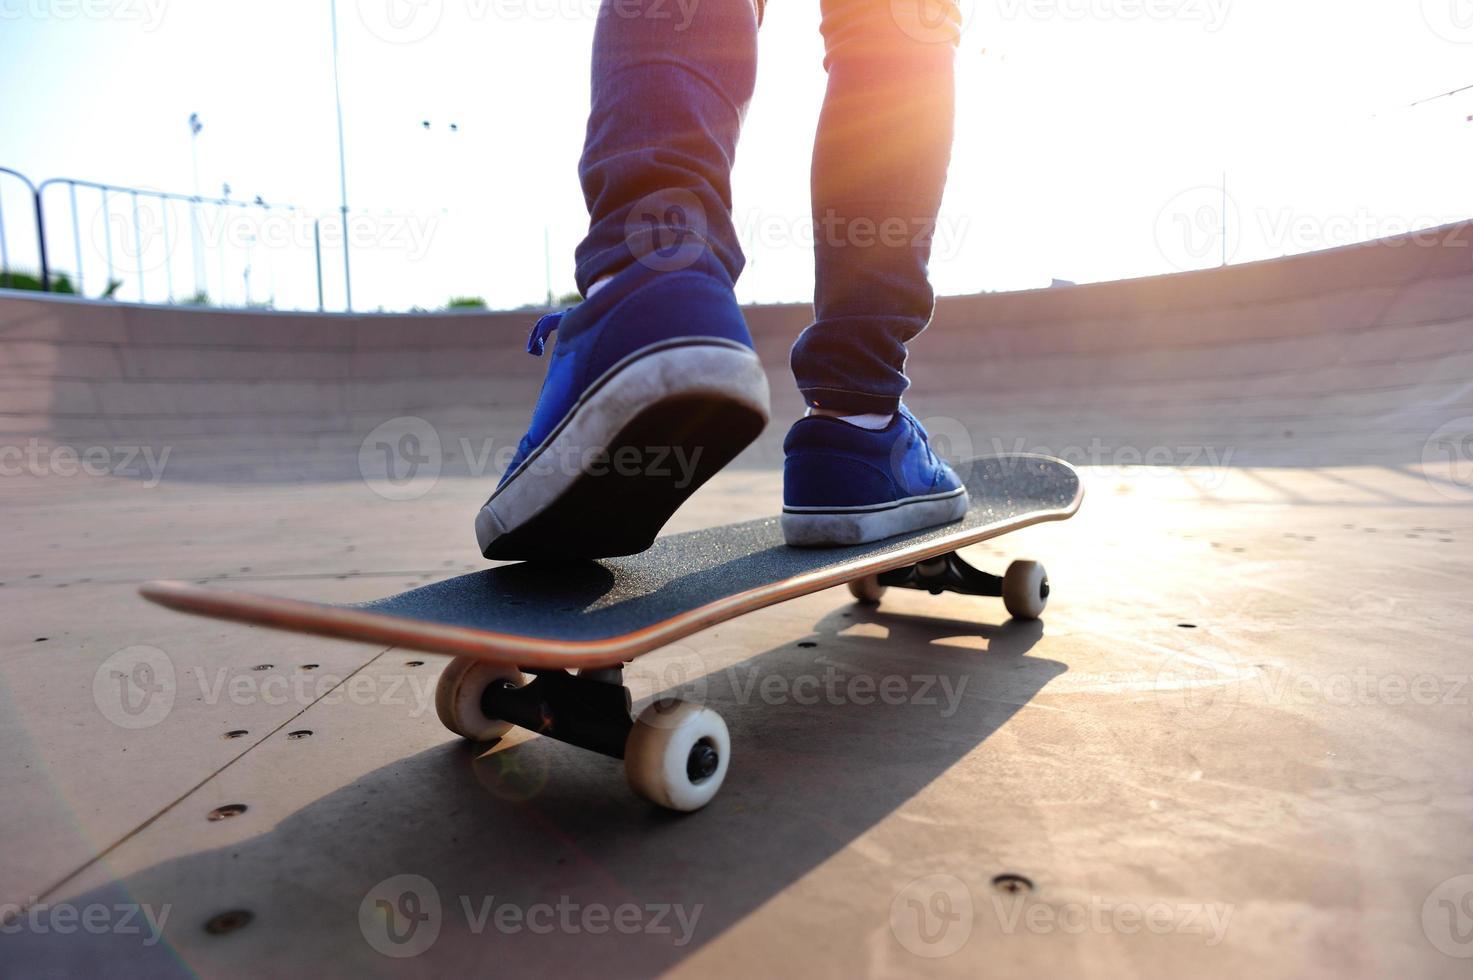 morgonsession av en skateboarder på skateparken foto